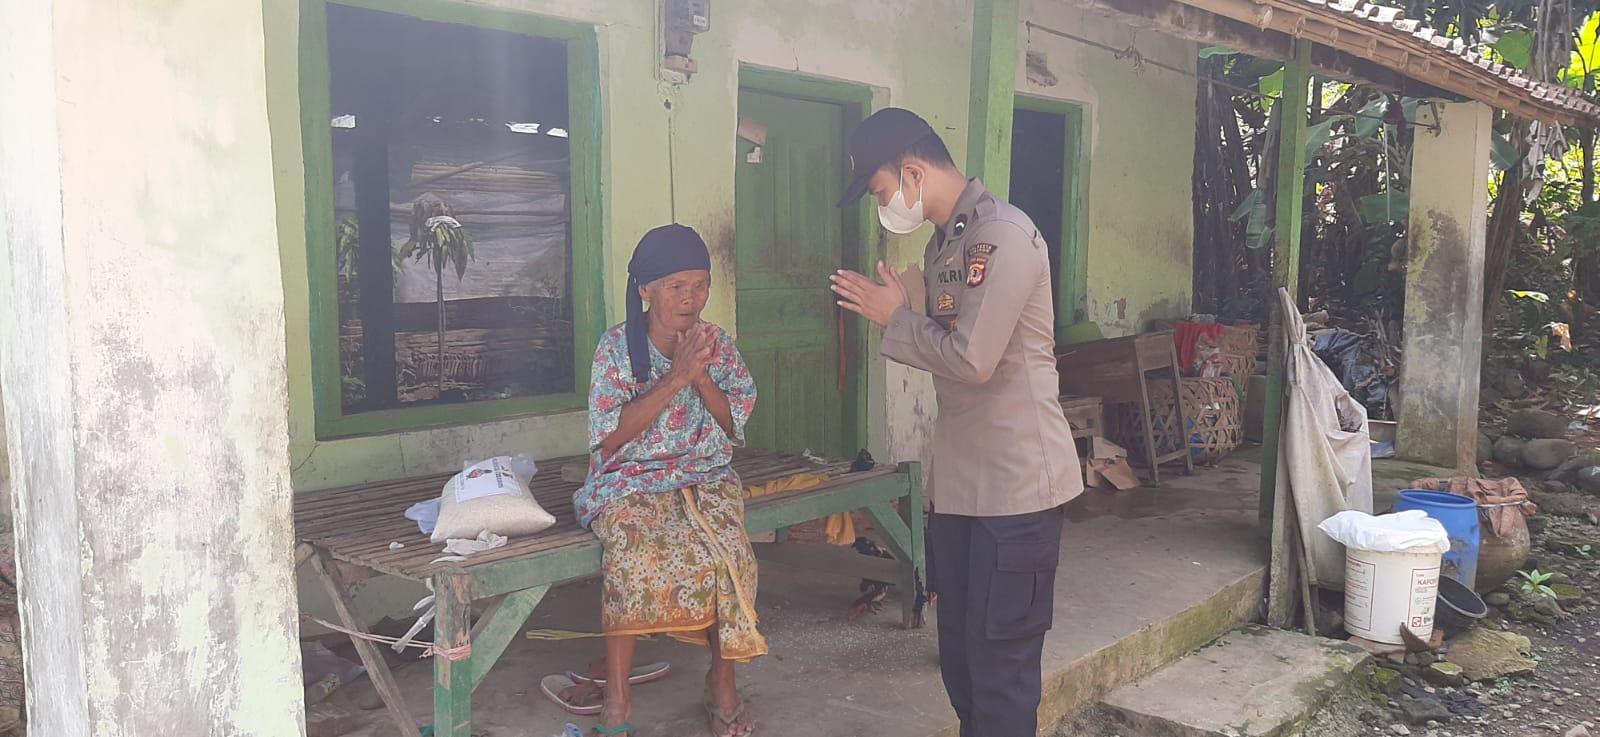 Polresta Cirebon Salurkan Bantuan Sosial Beras Kepada Warga Slum Area Yang Terdampak PPKM Darurat